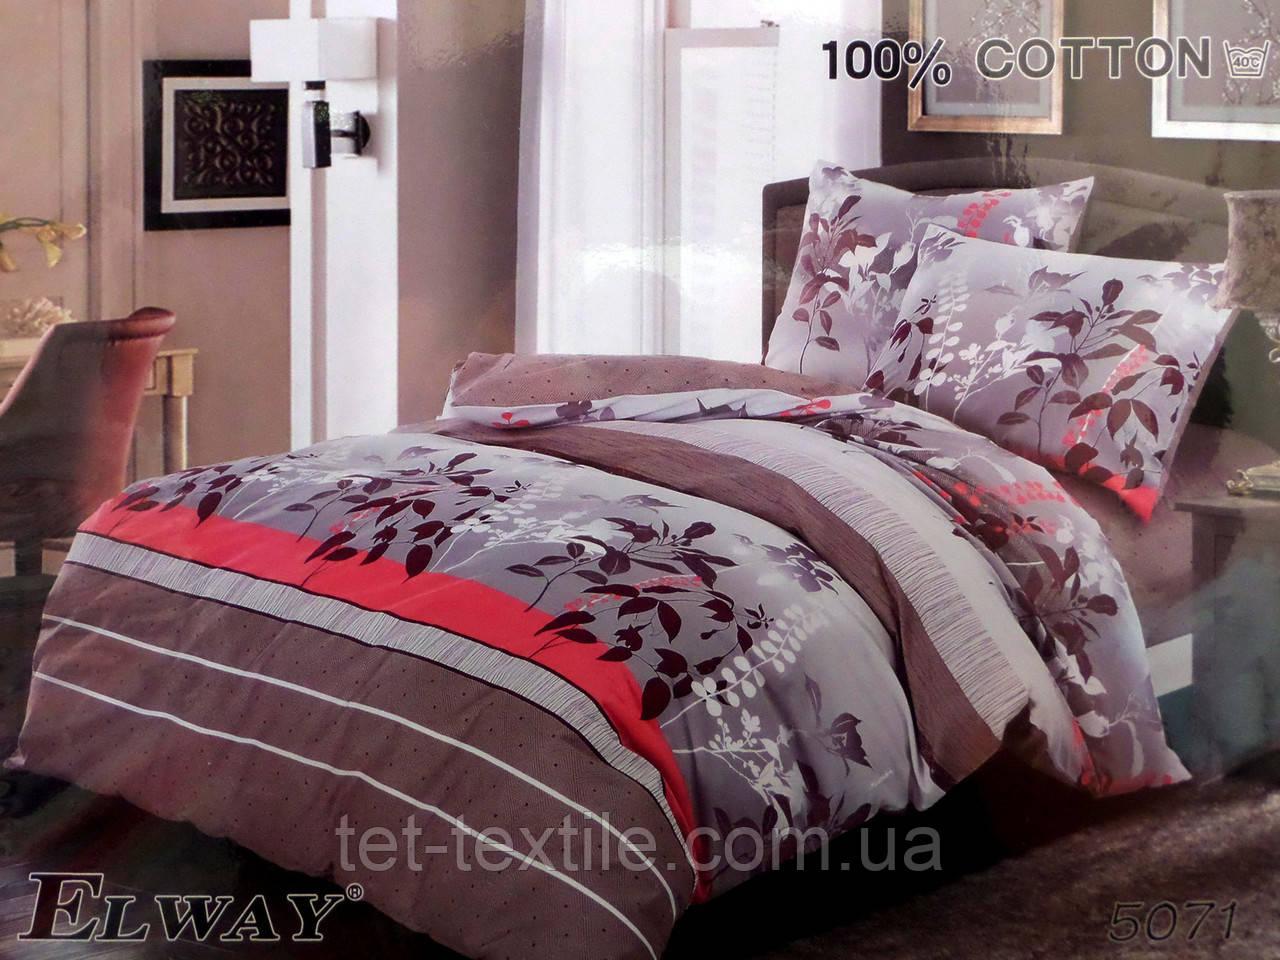 """Комплект постельного белья Elway """"Полуторное"""" 956"""